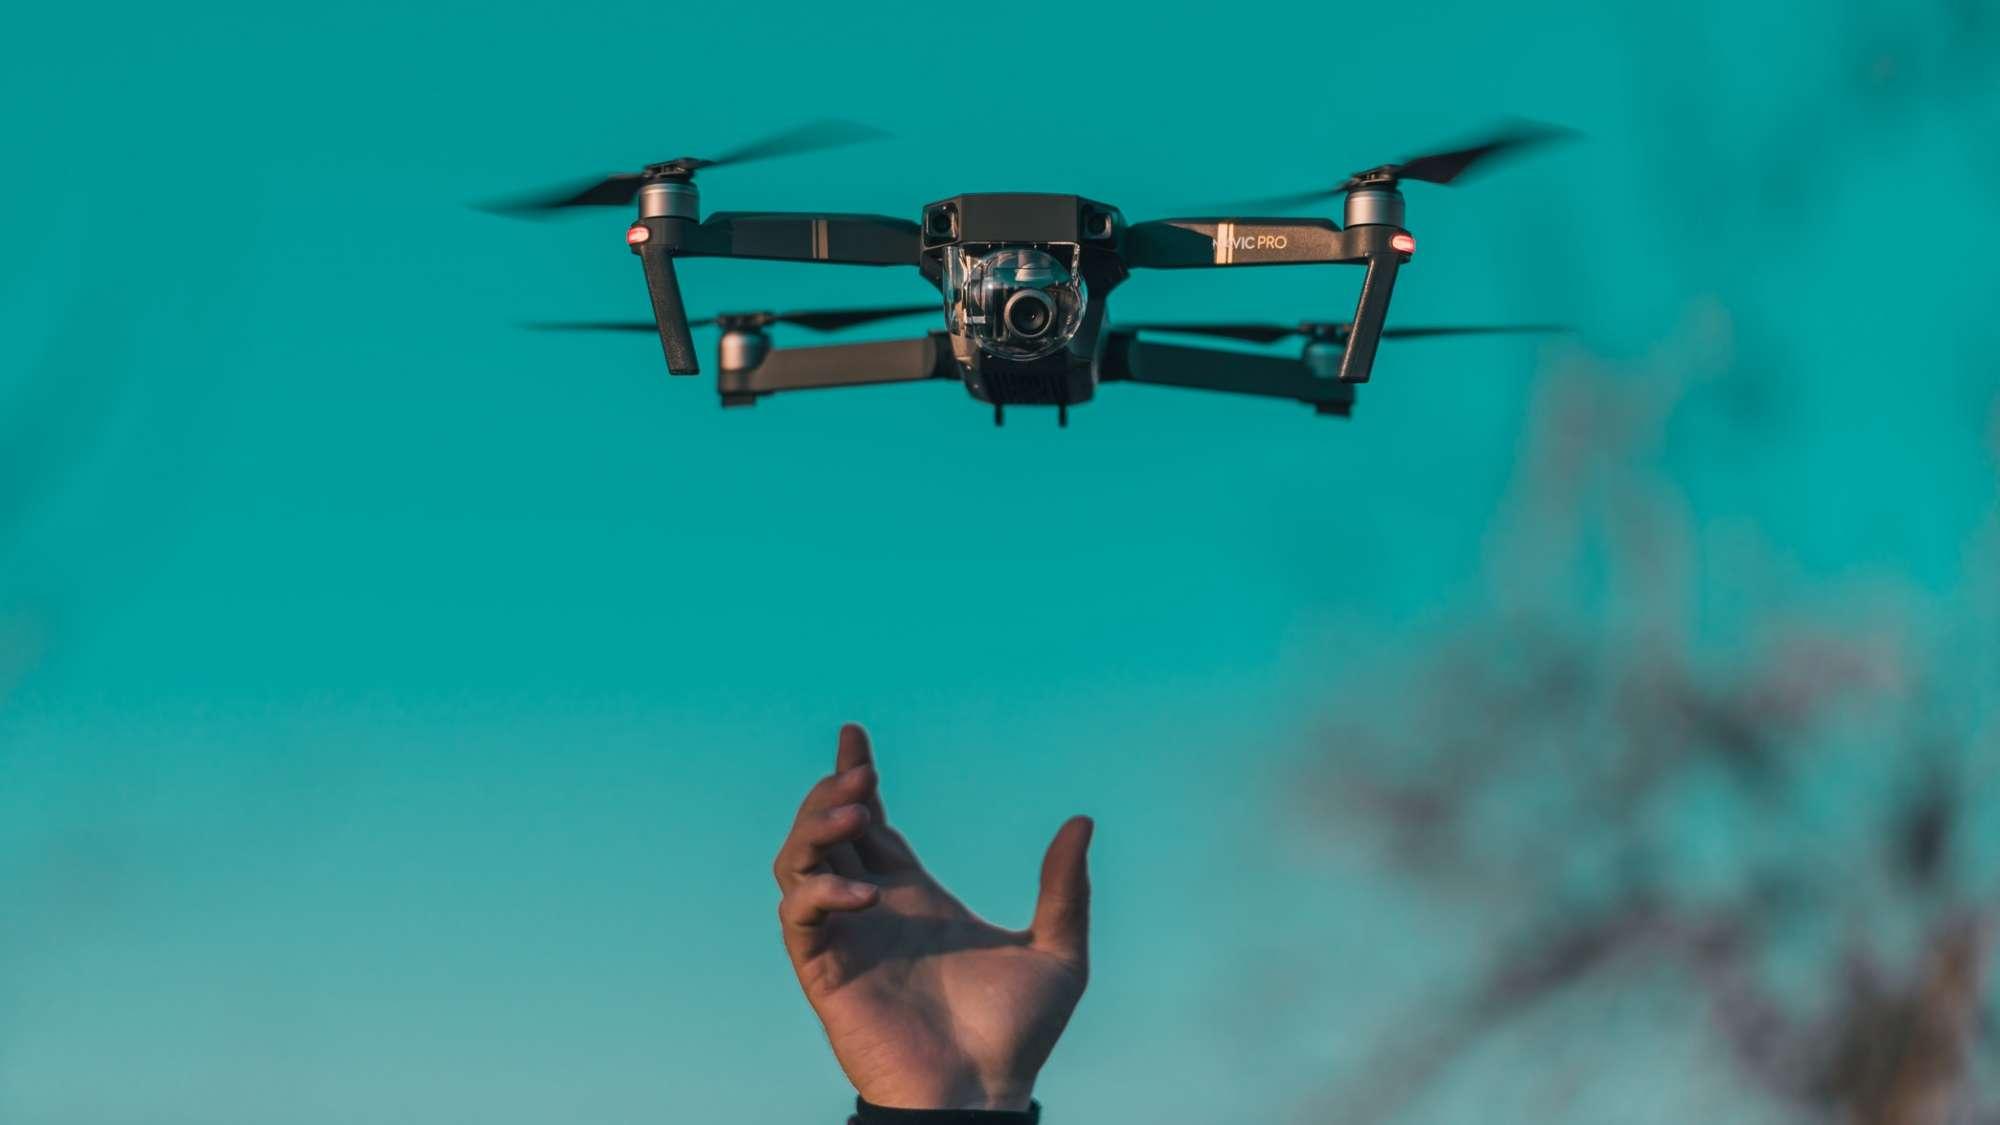 Grande première en Belgique francophone: ouverture d'une zone aérienne unique dédiée aux drones